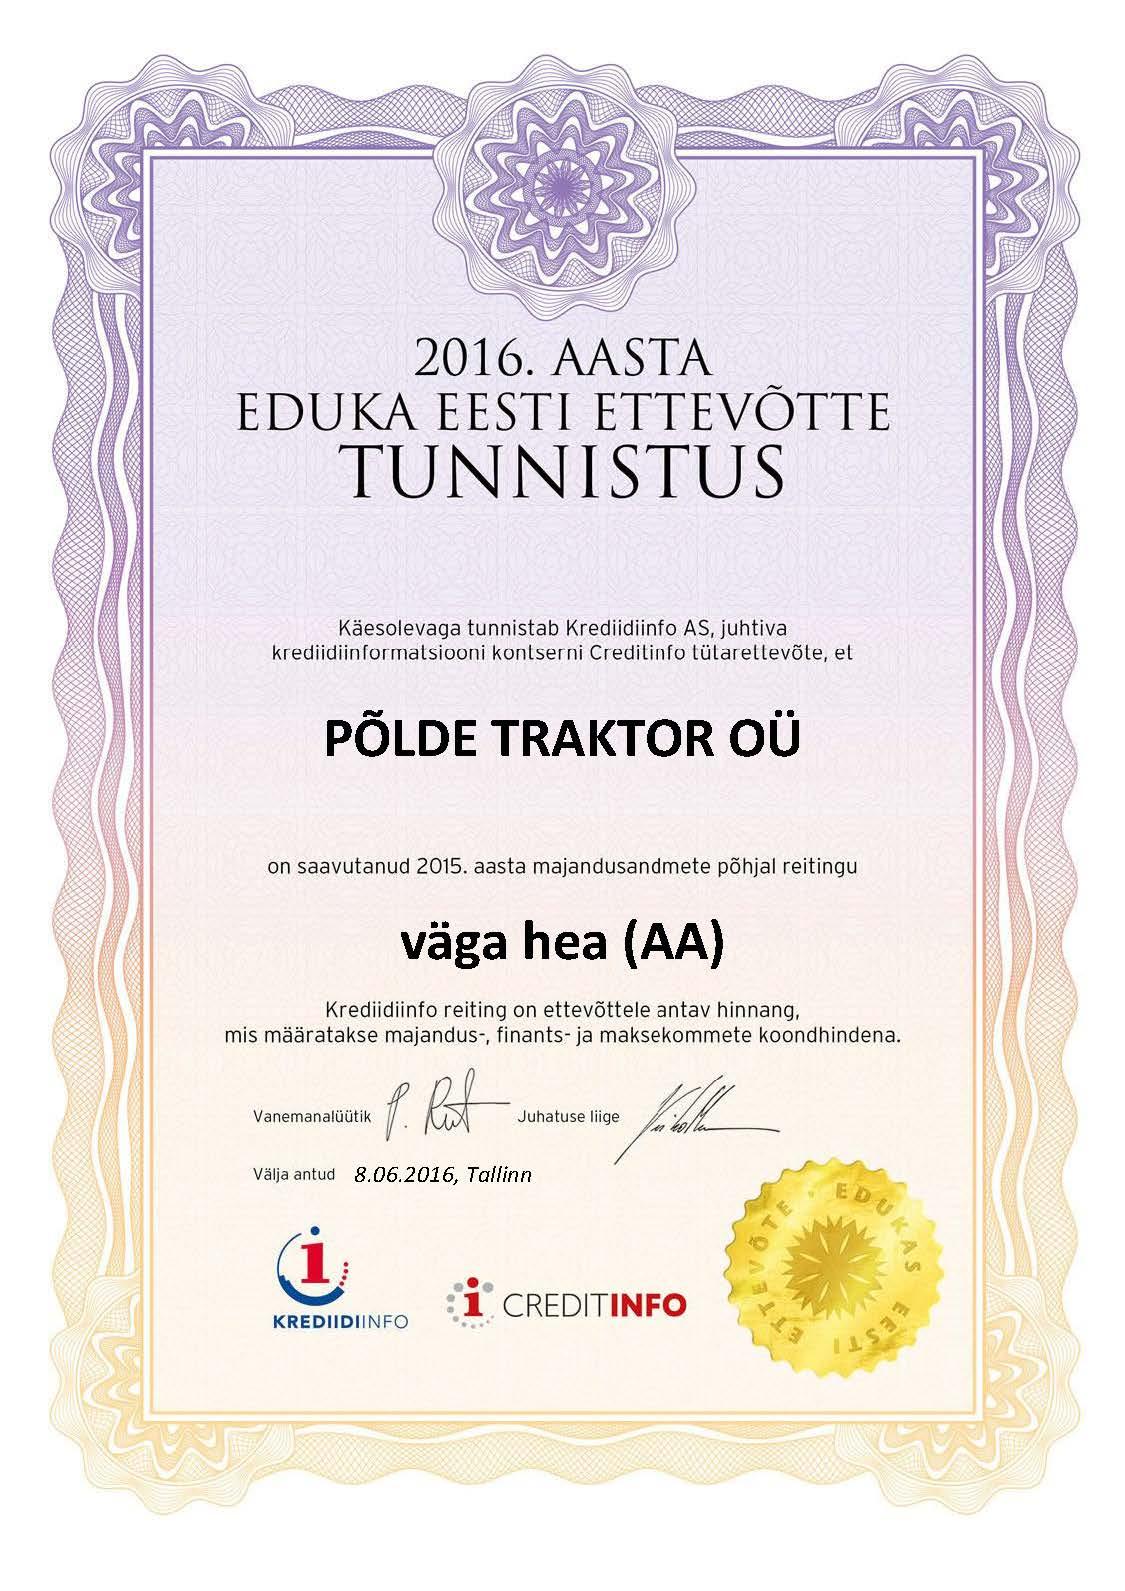 eduka-ettevotte-tunnistus-2016-est